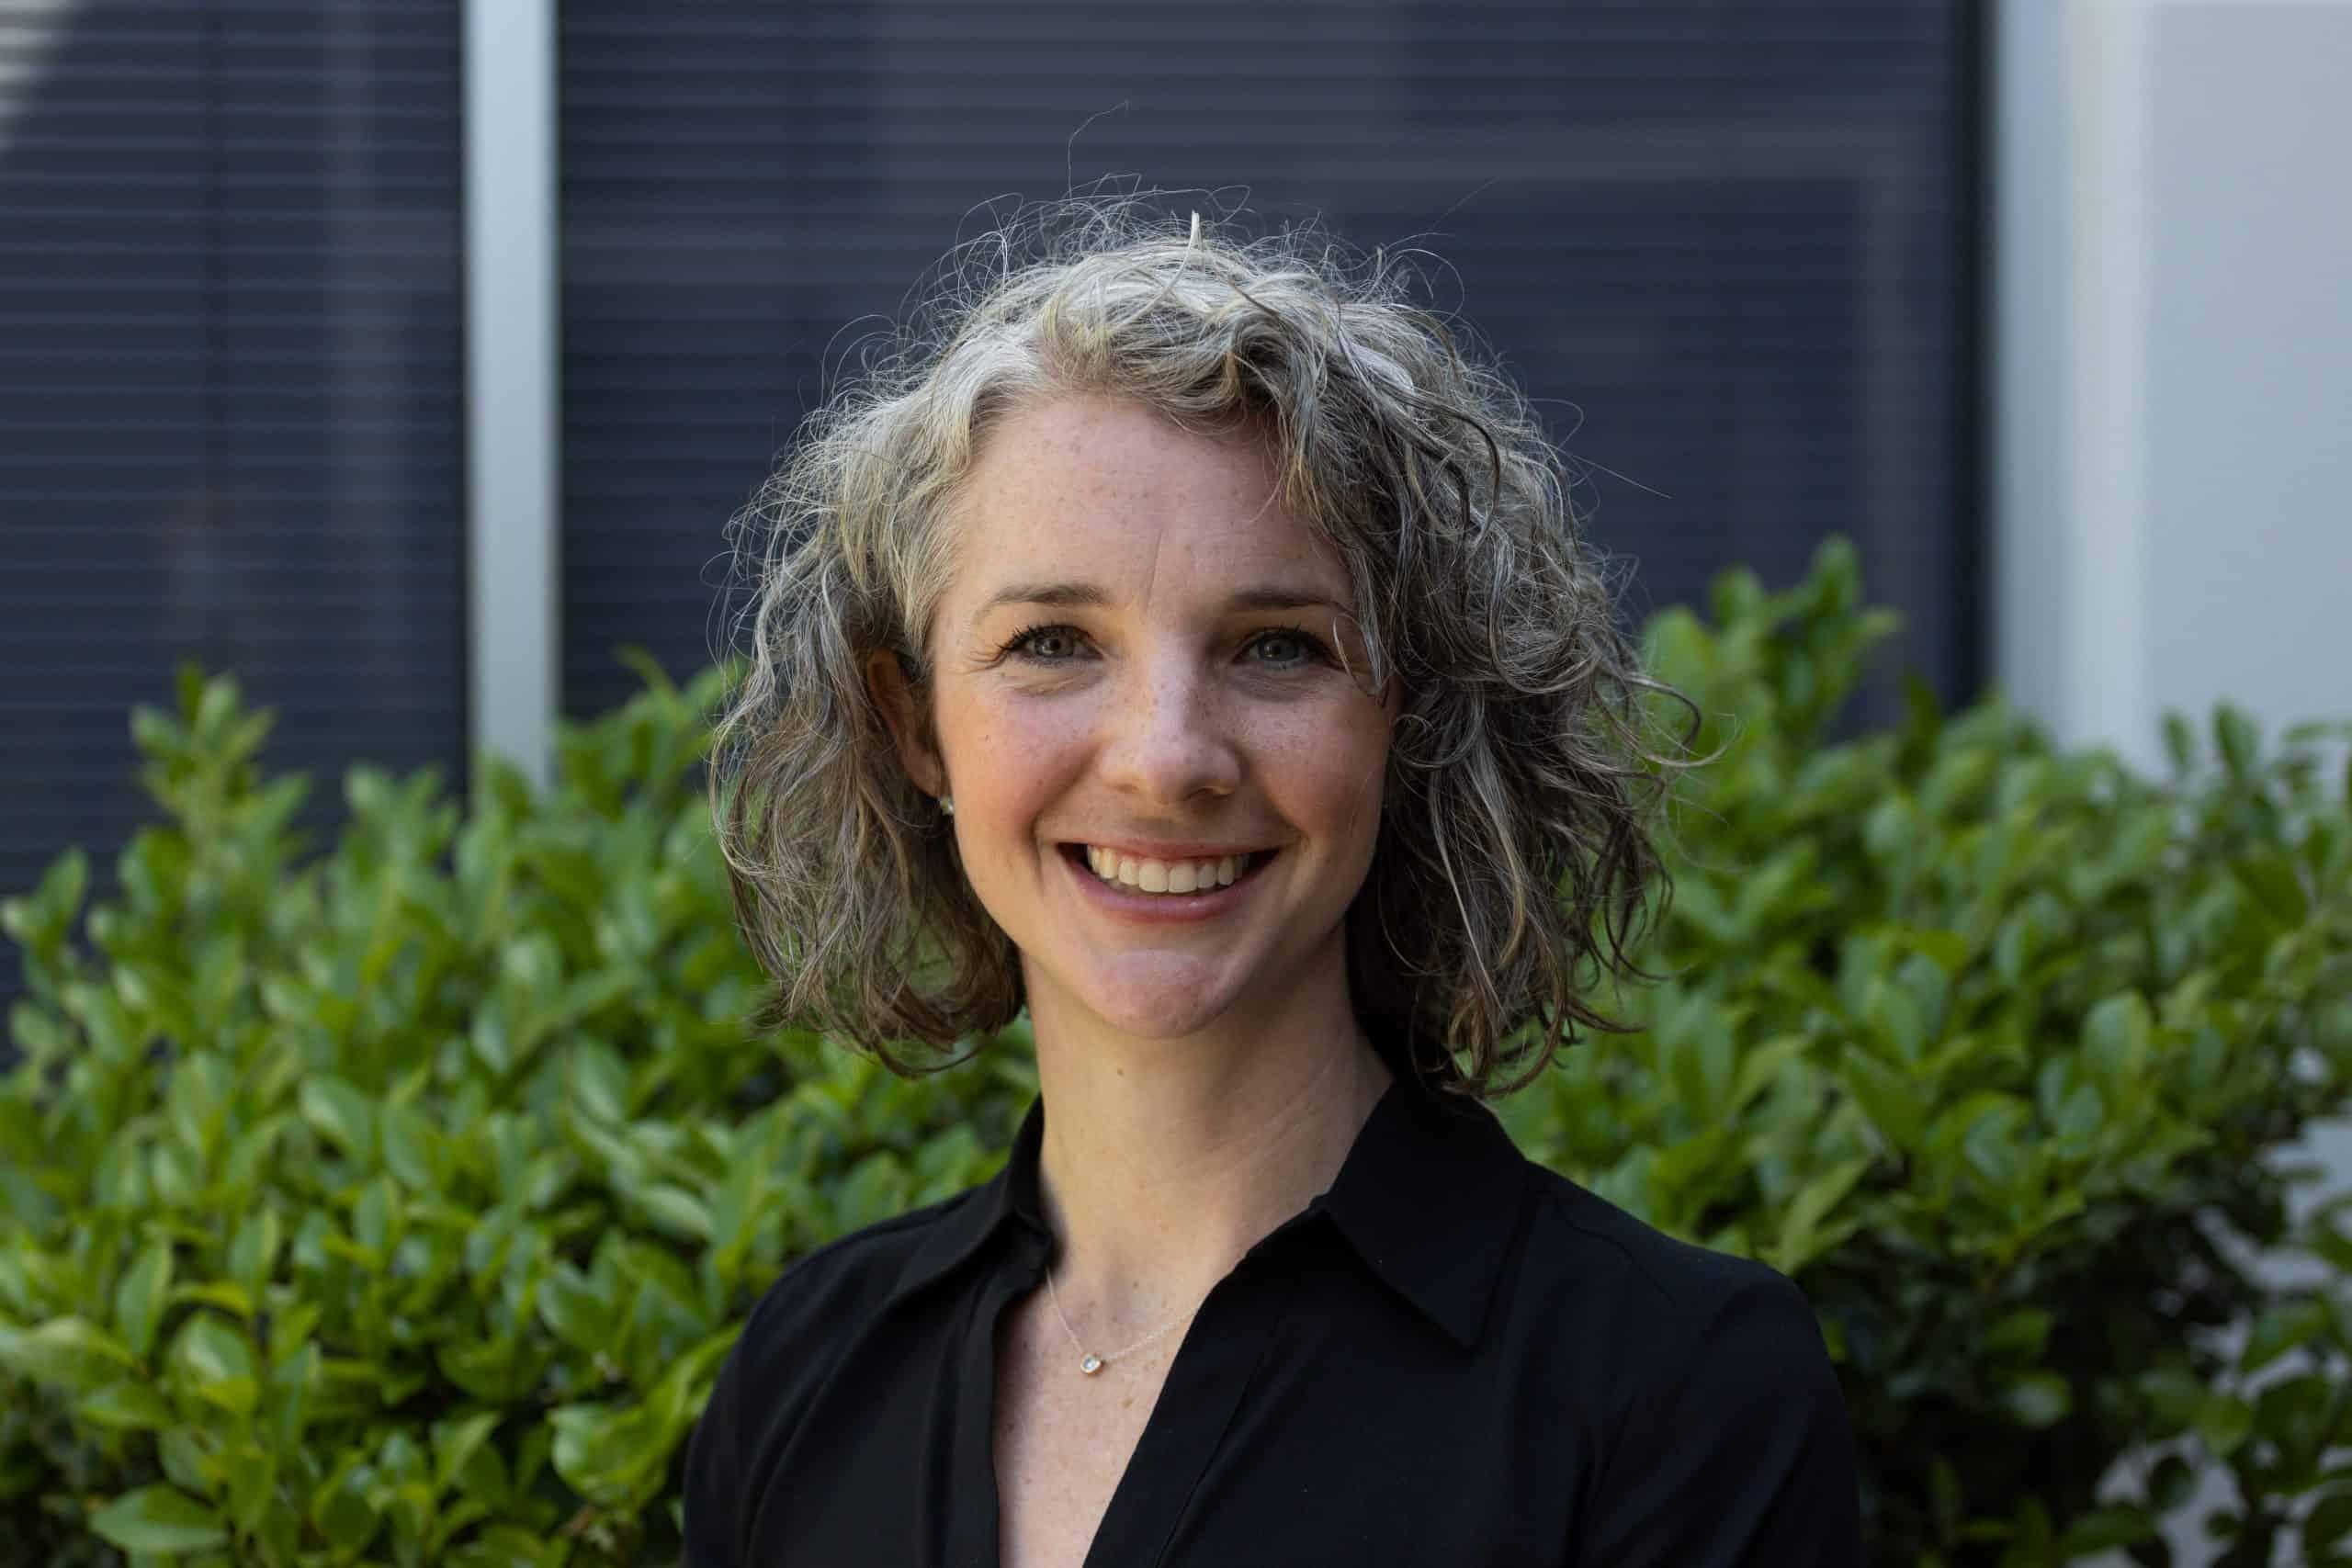 Hannah Messick